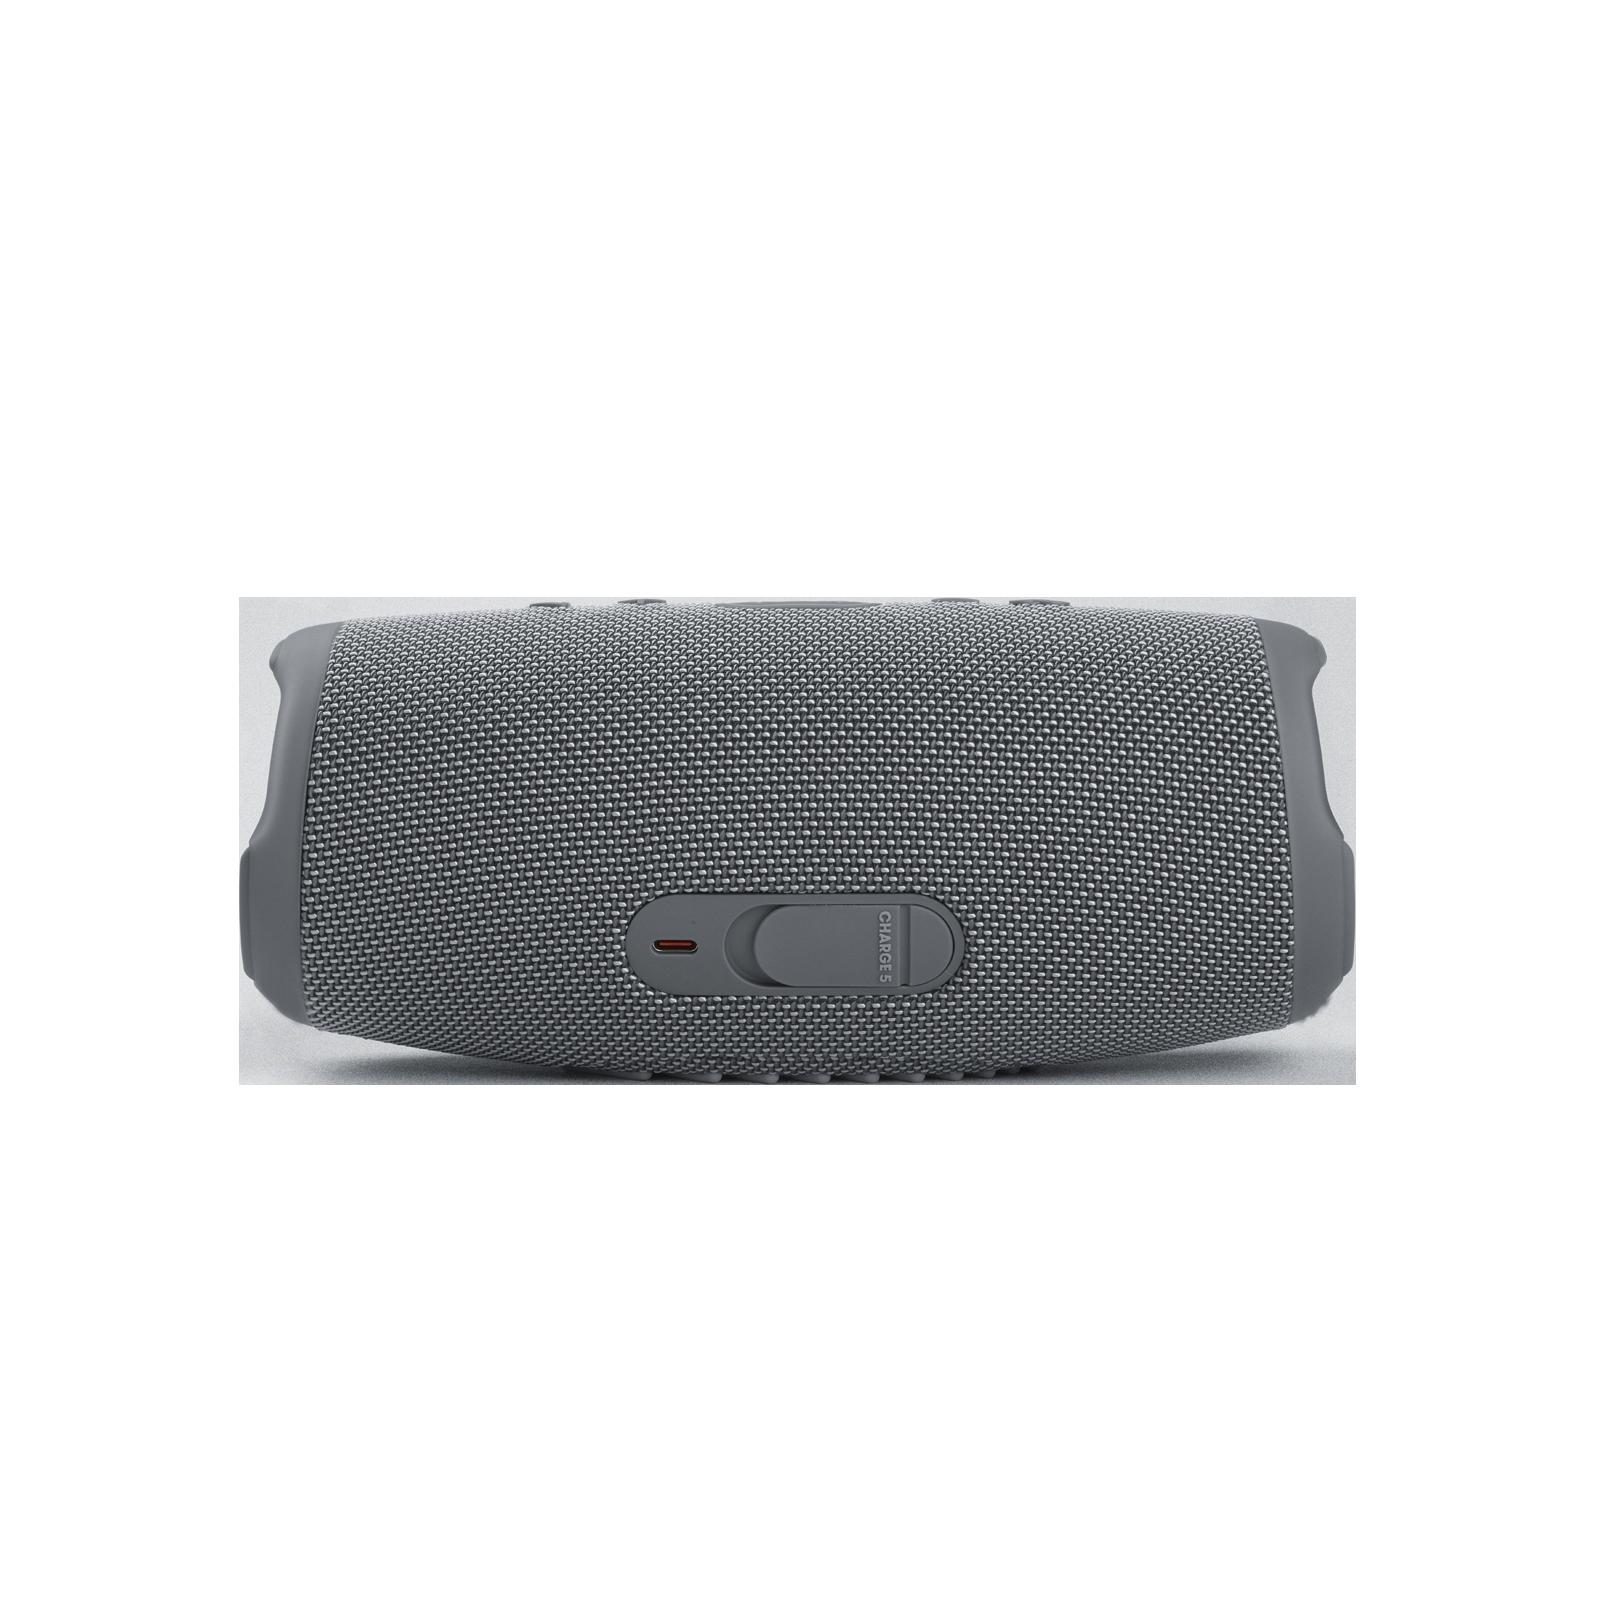 JBL CHARGE 5 - Grey - Portable Waterproof Speaker with Powerbank - Back